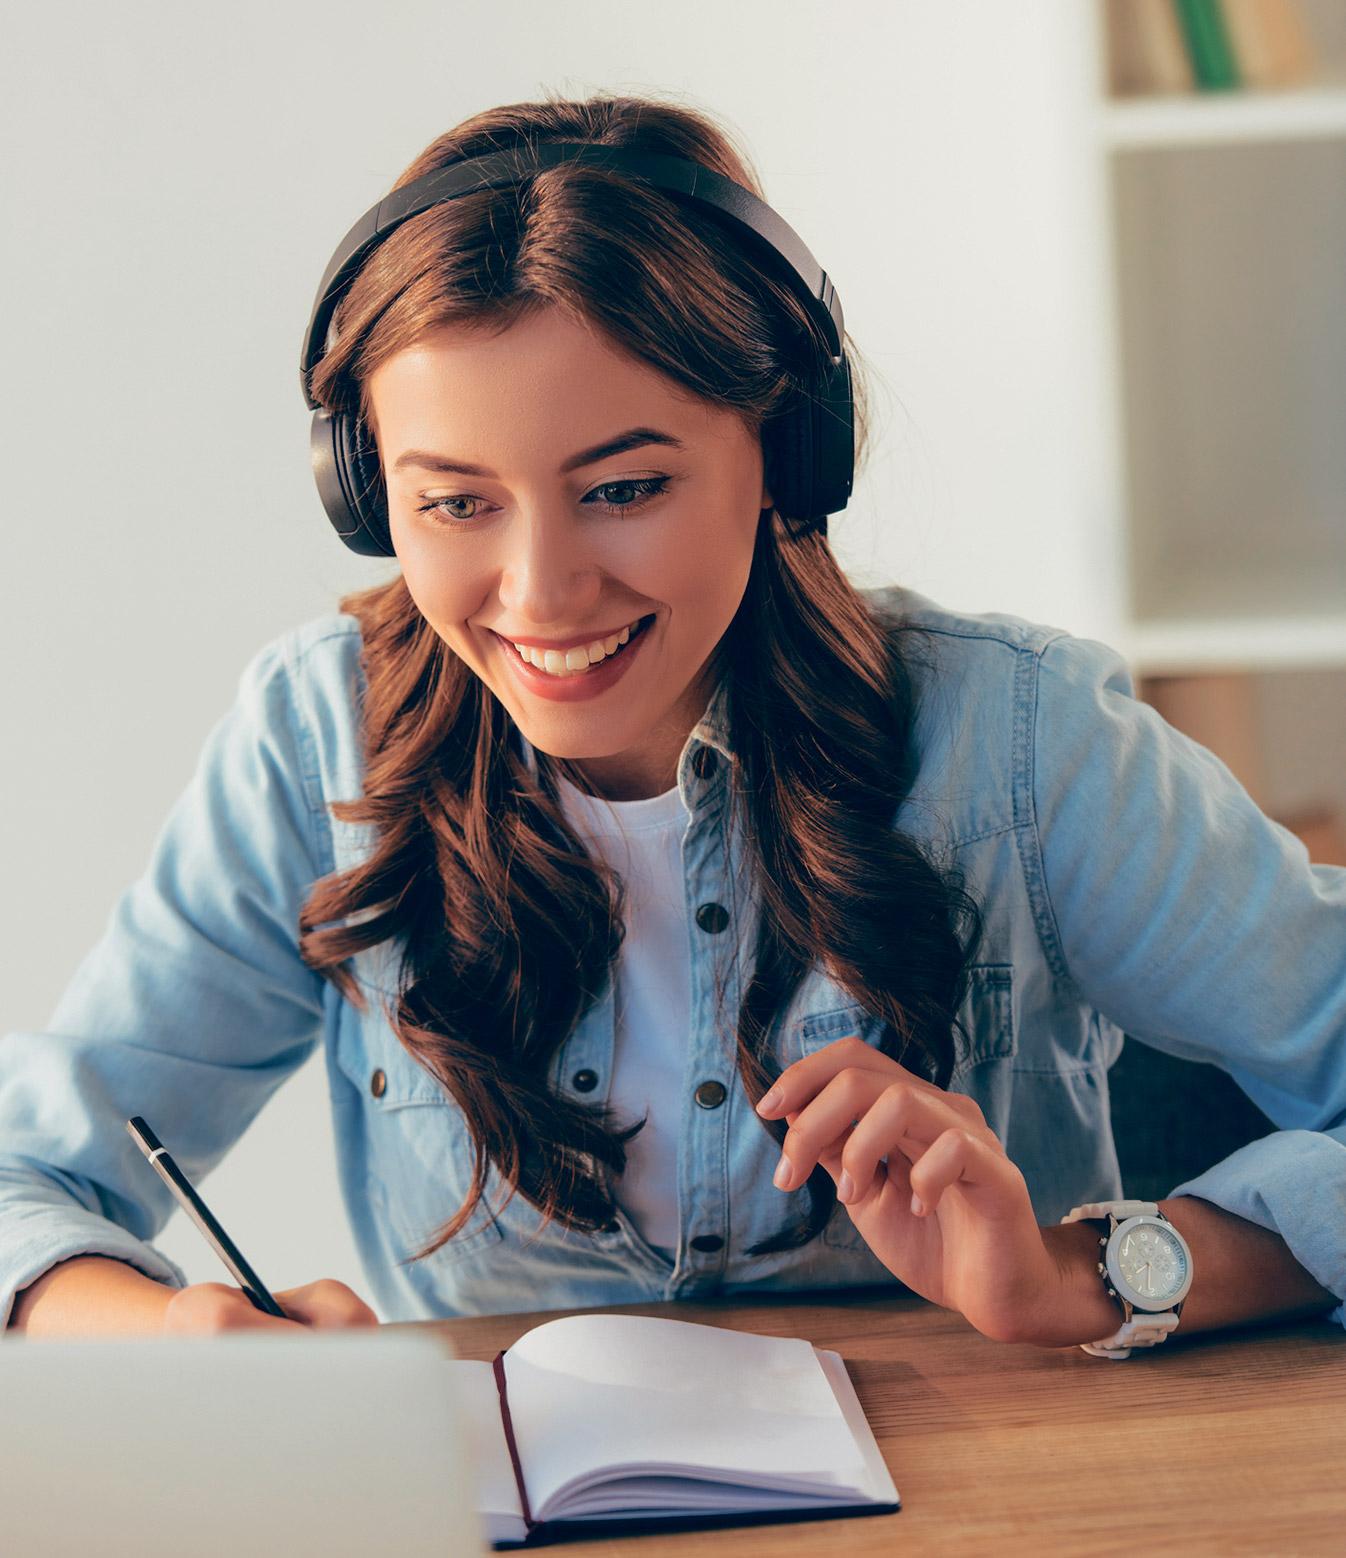 Eine junge Frau lernt am Computer.